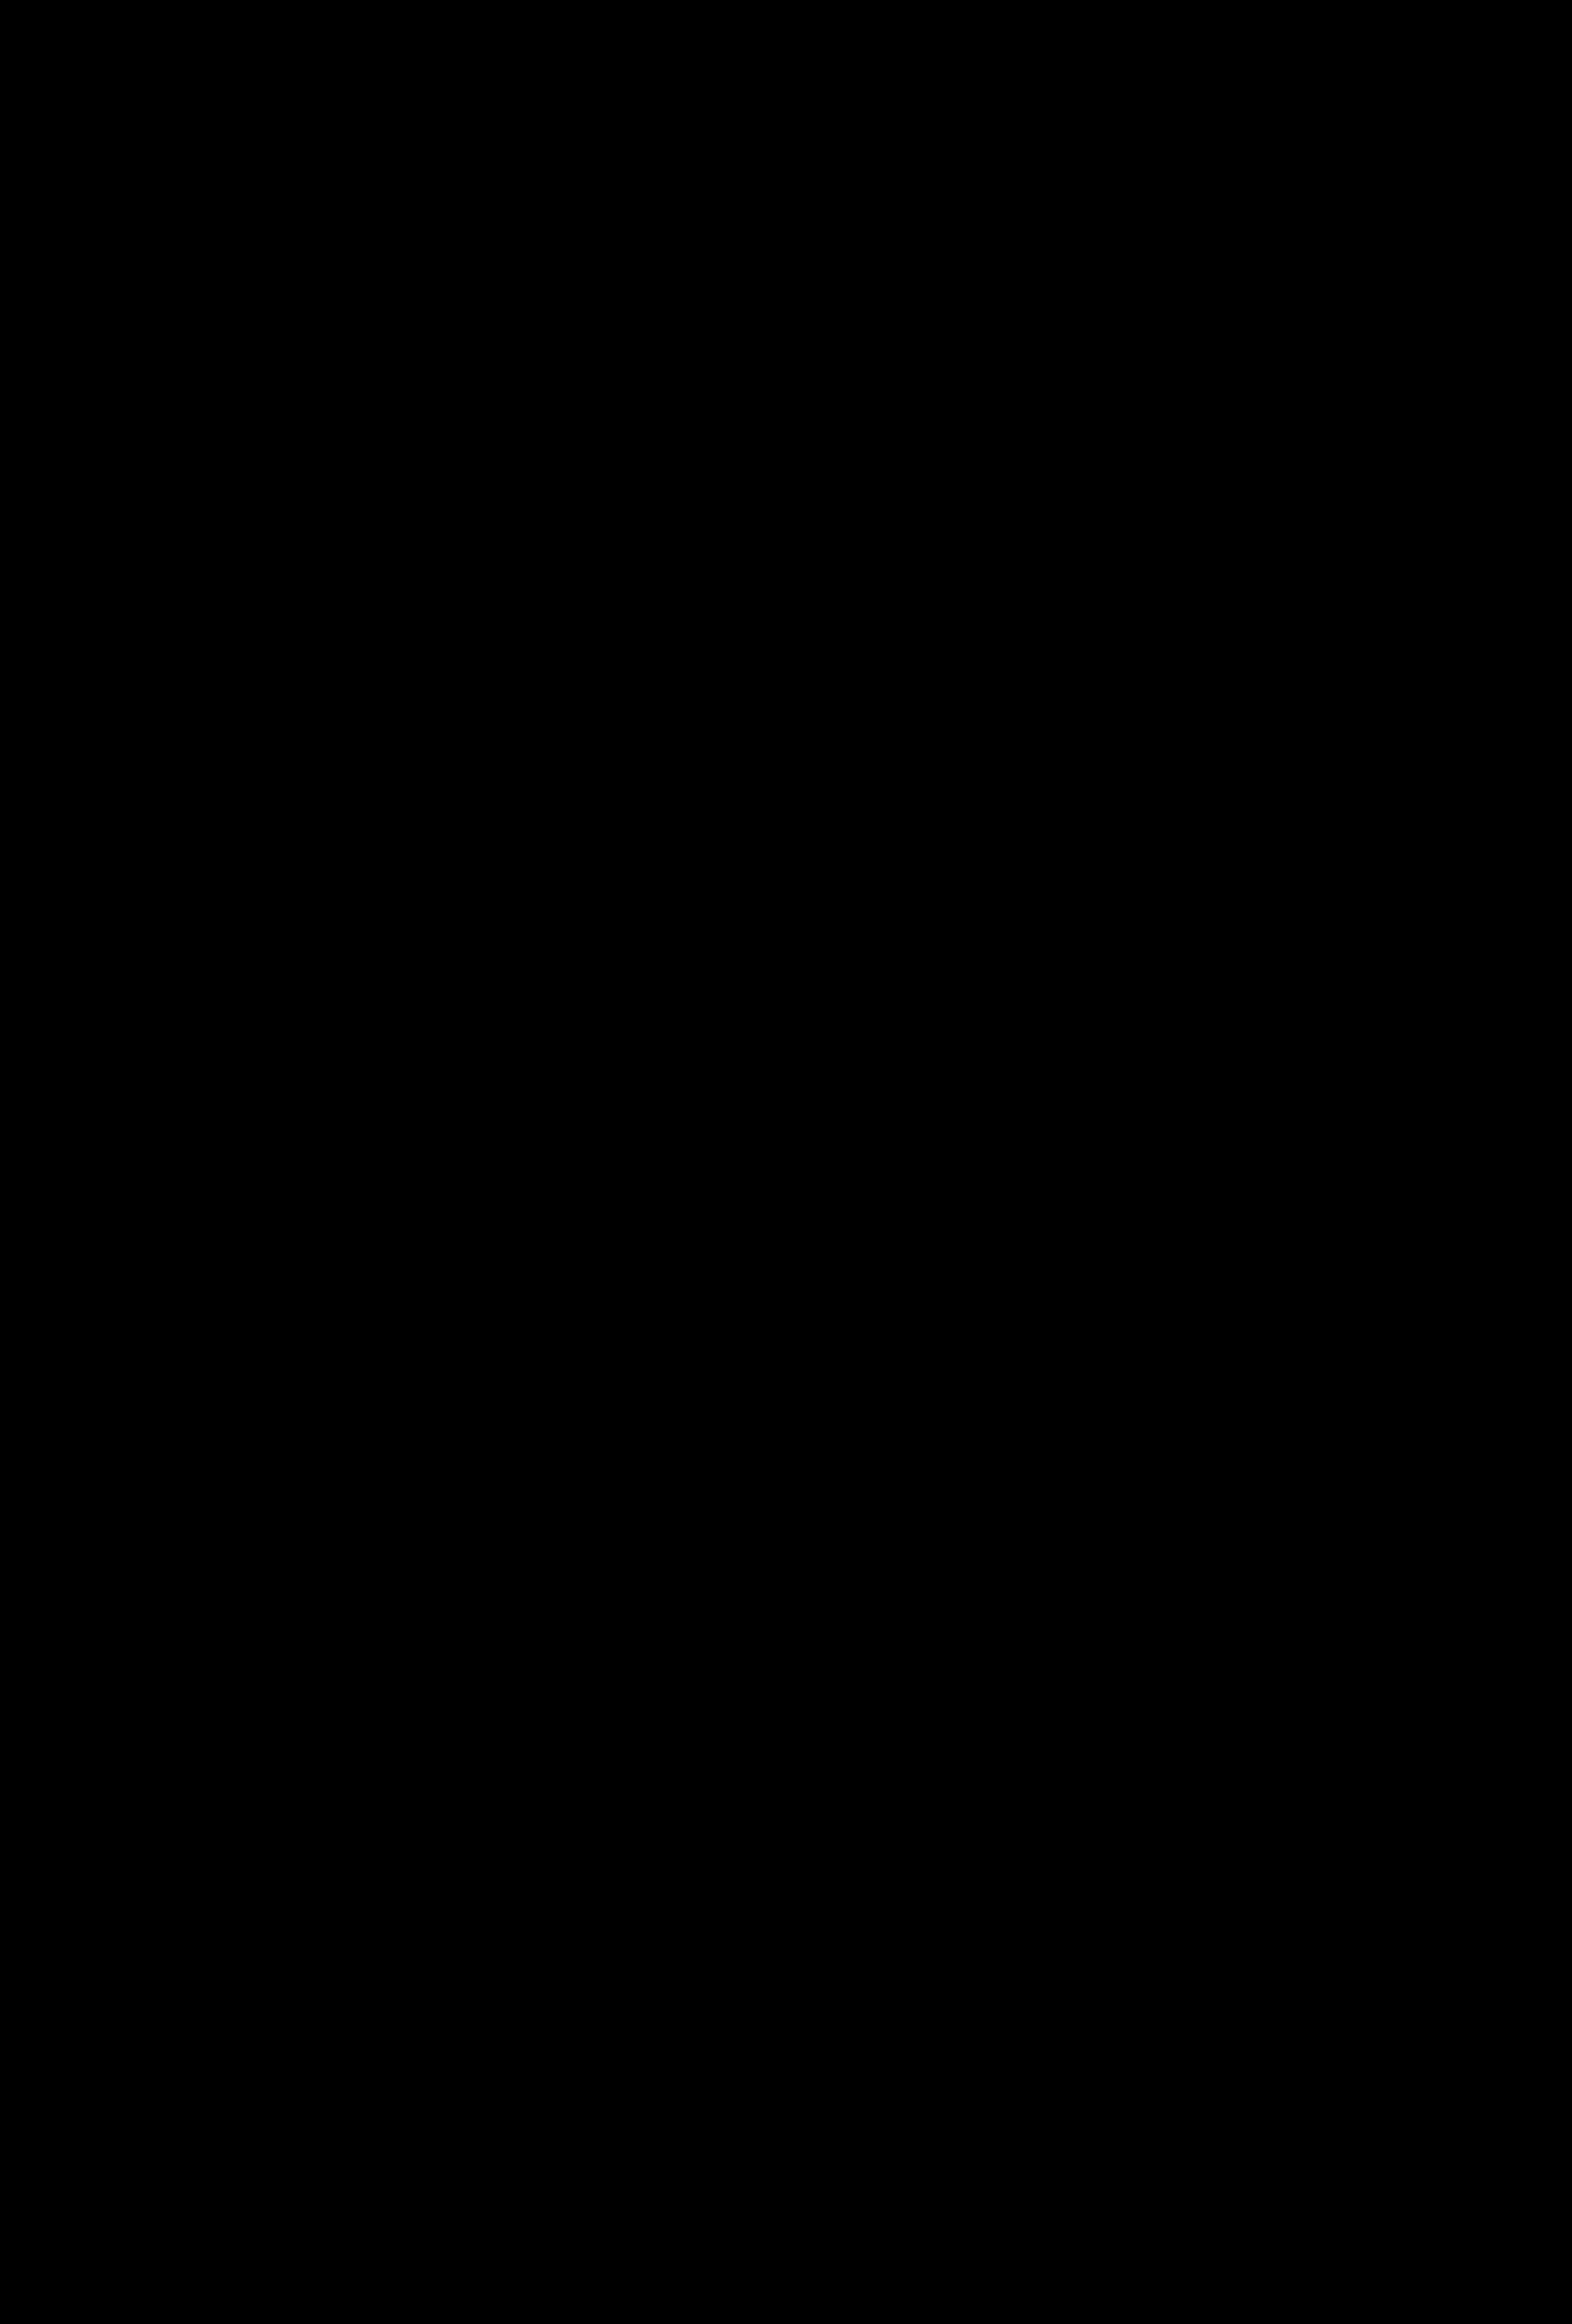 日本代表 新ユニフォーム 2016